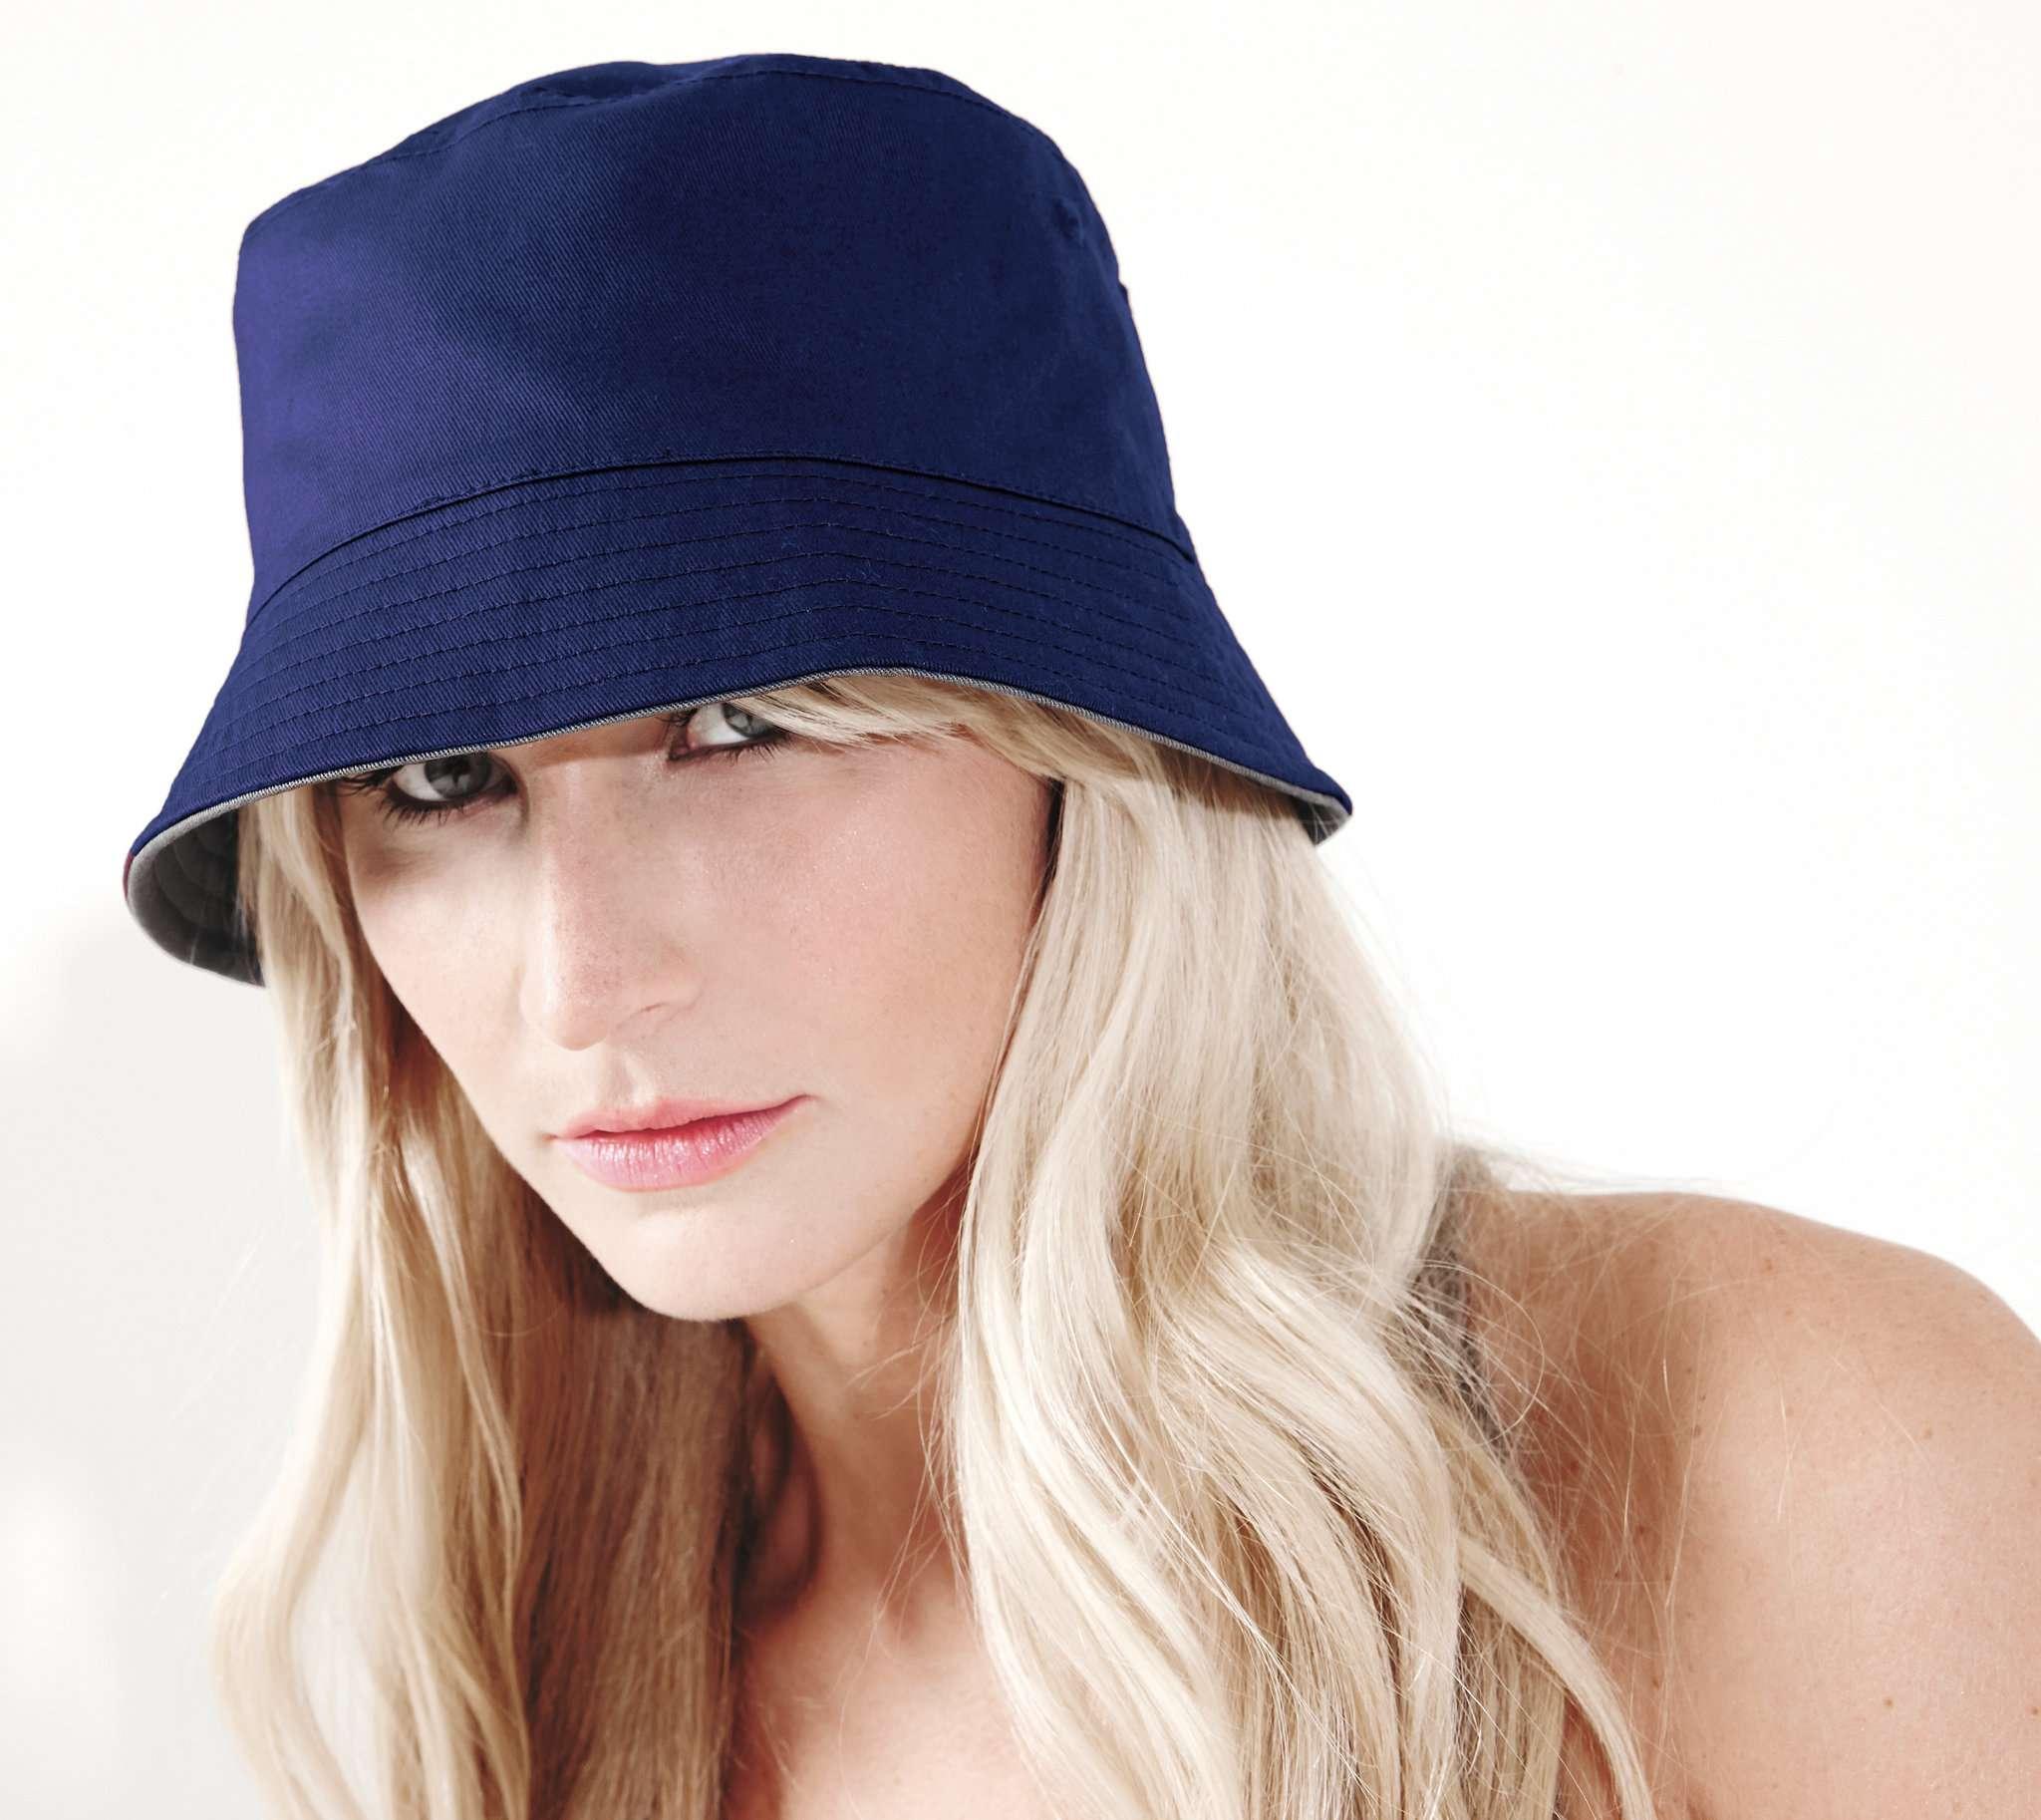 Chapeau personnalisable Bucket - chapeau publicitaire noir/gris clair